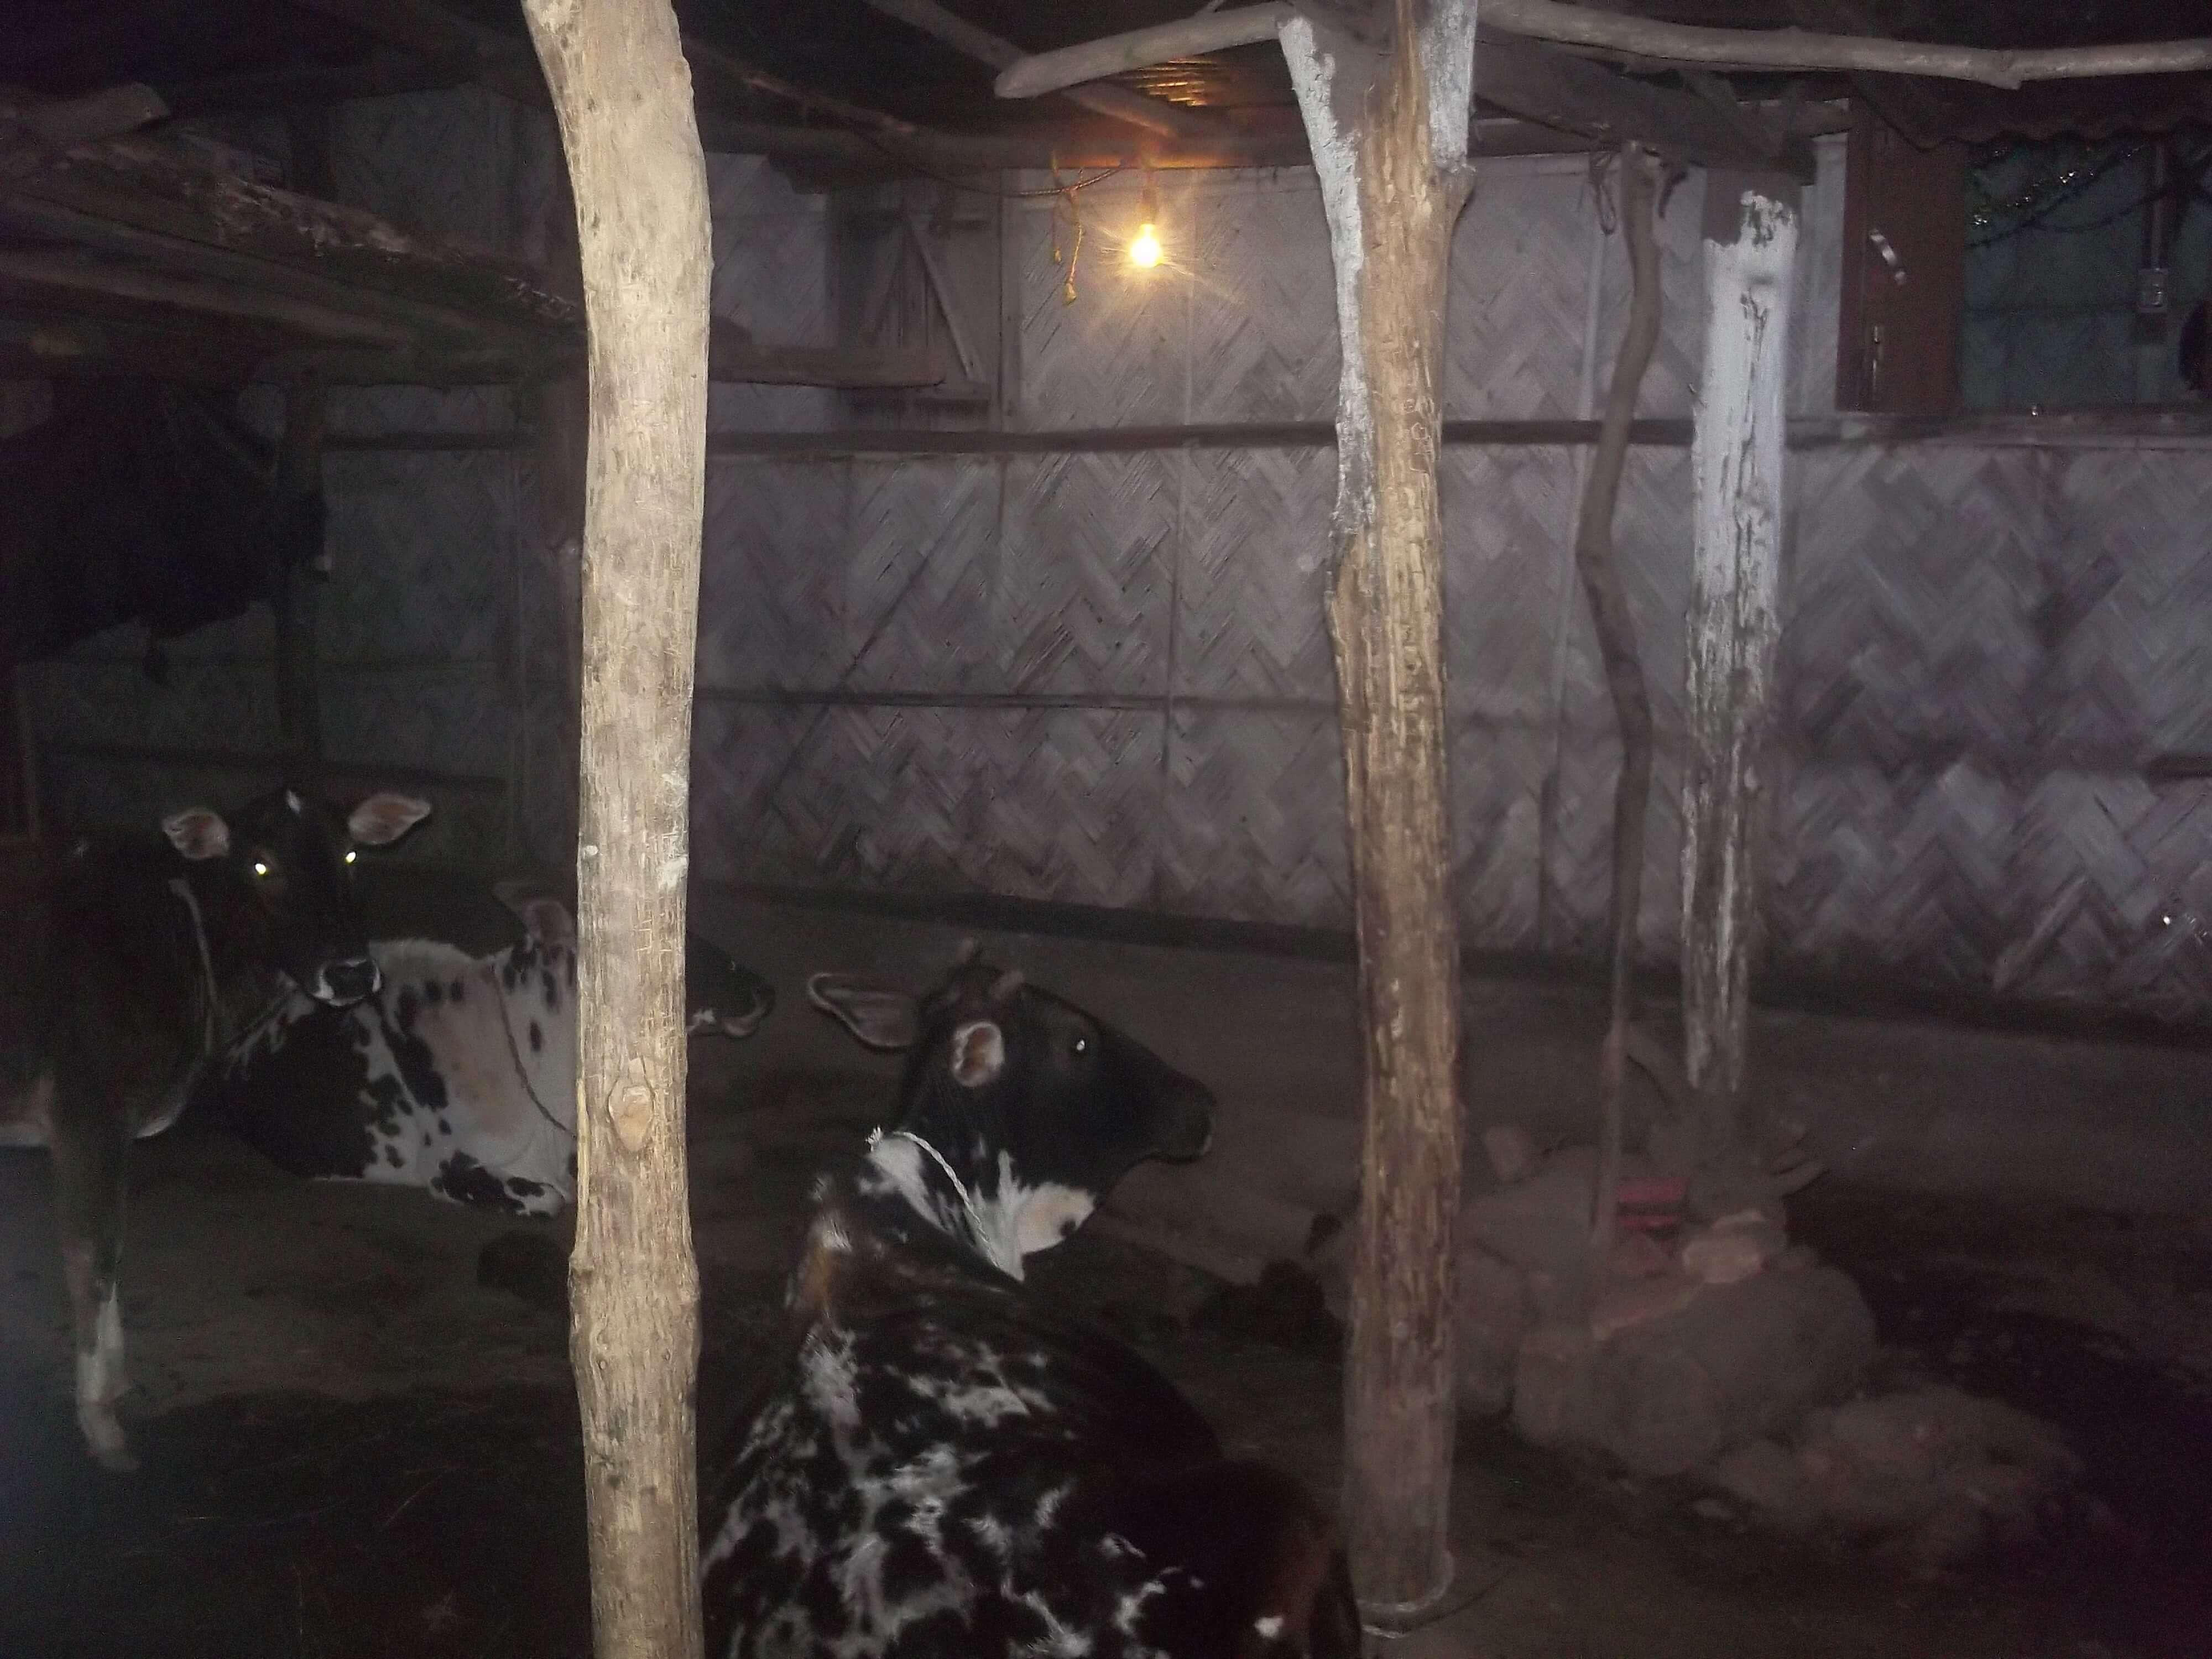 L'église provisoire se situe à côté d'une étable : pendant la réunion une vache a passé sa tête par